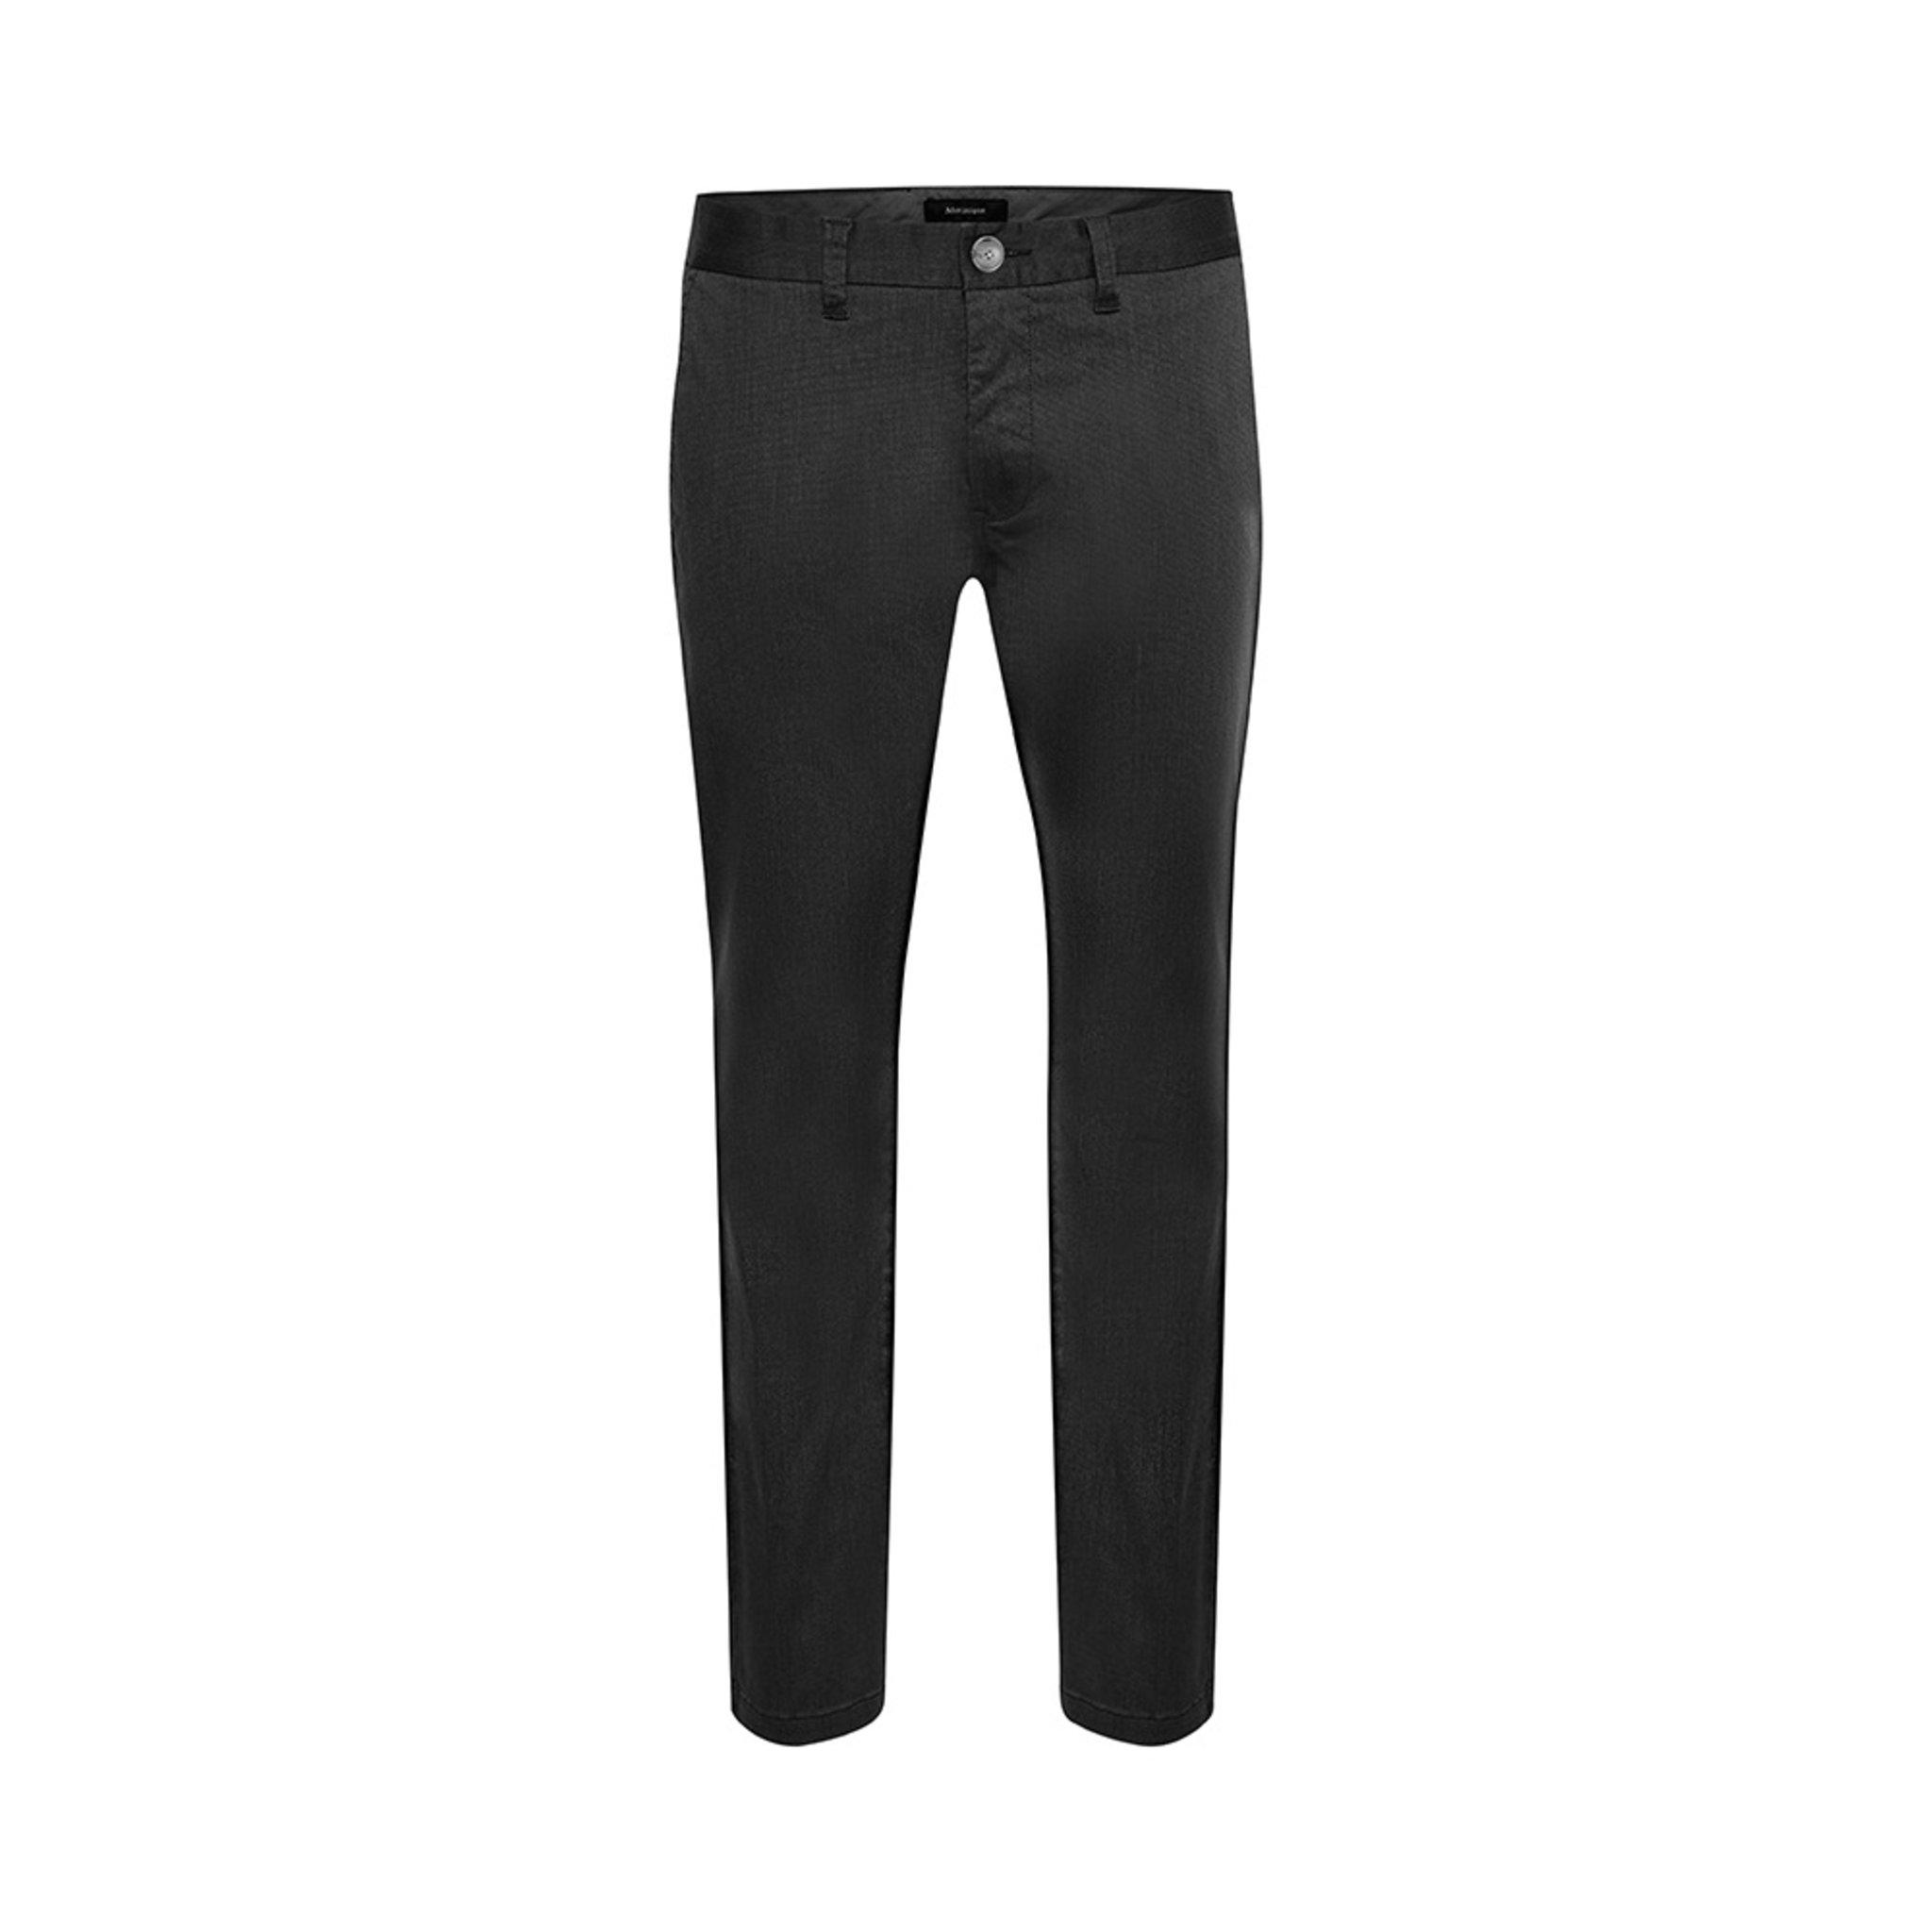 Pristu CM Pants - Byxor   Jeans - Köp online på åhlens.se! 545e962b27fdb